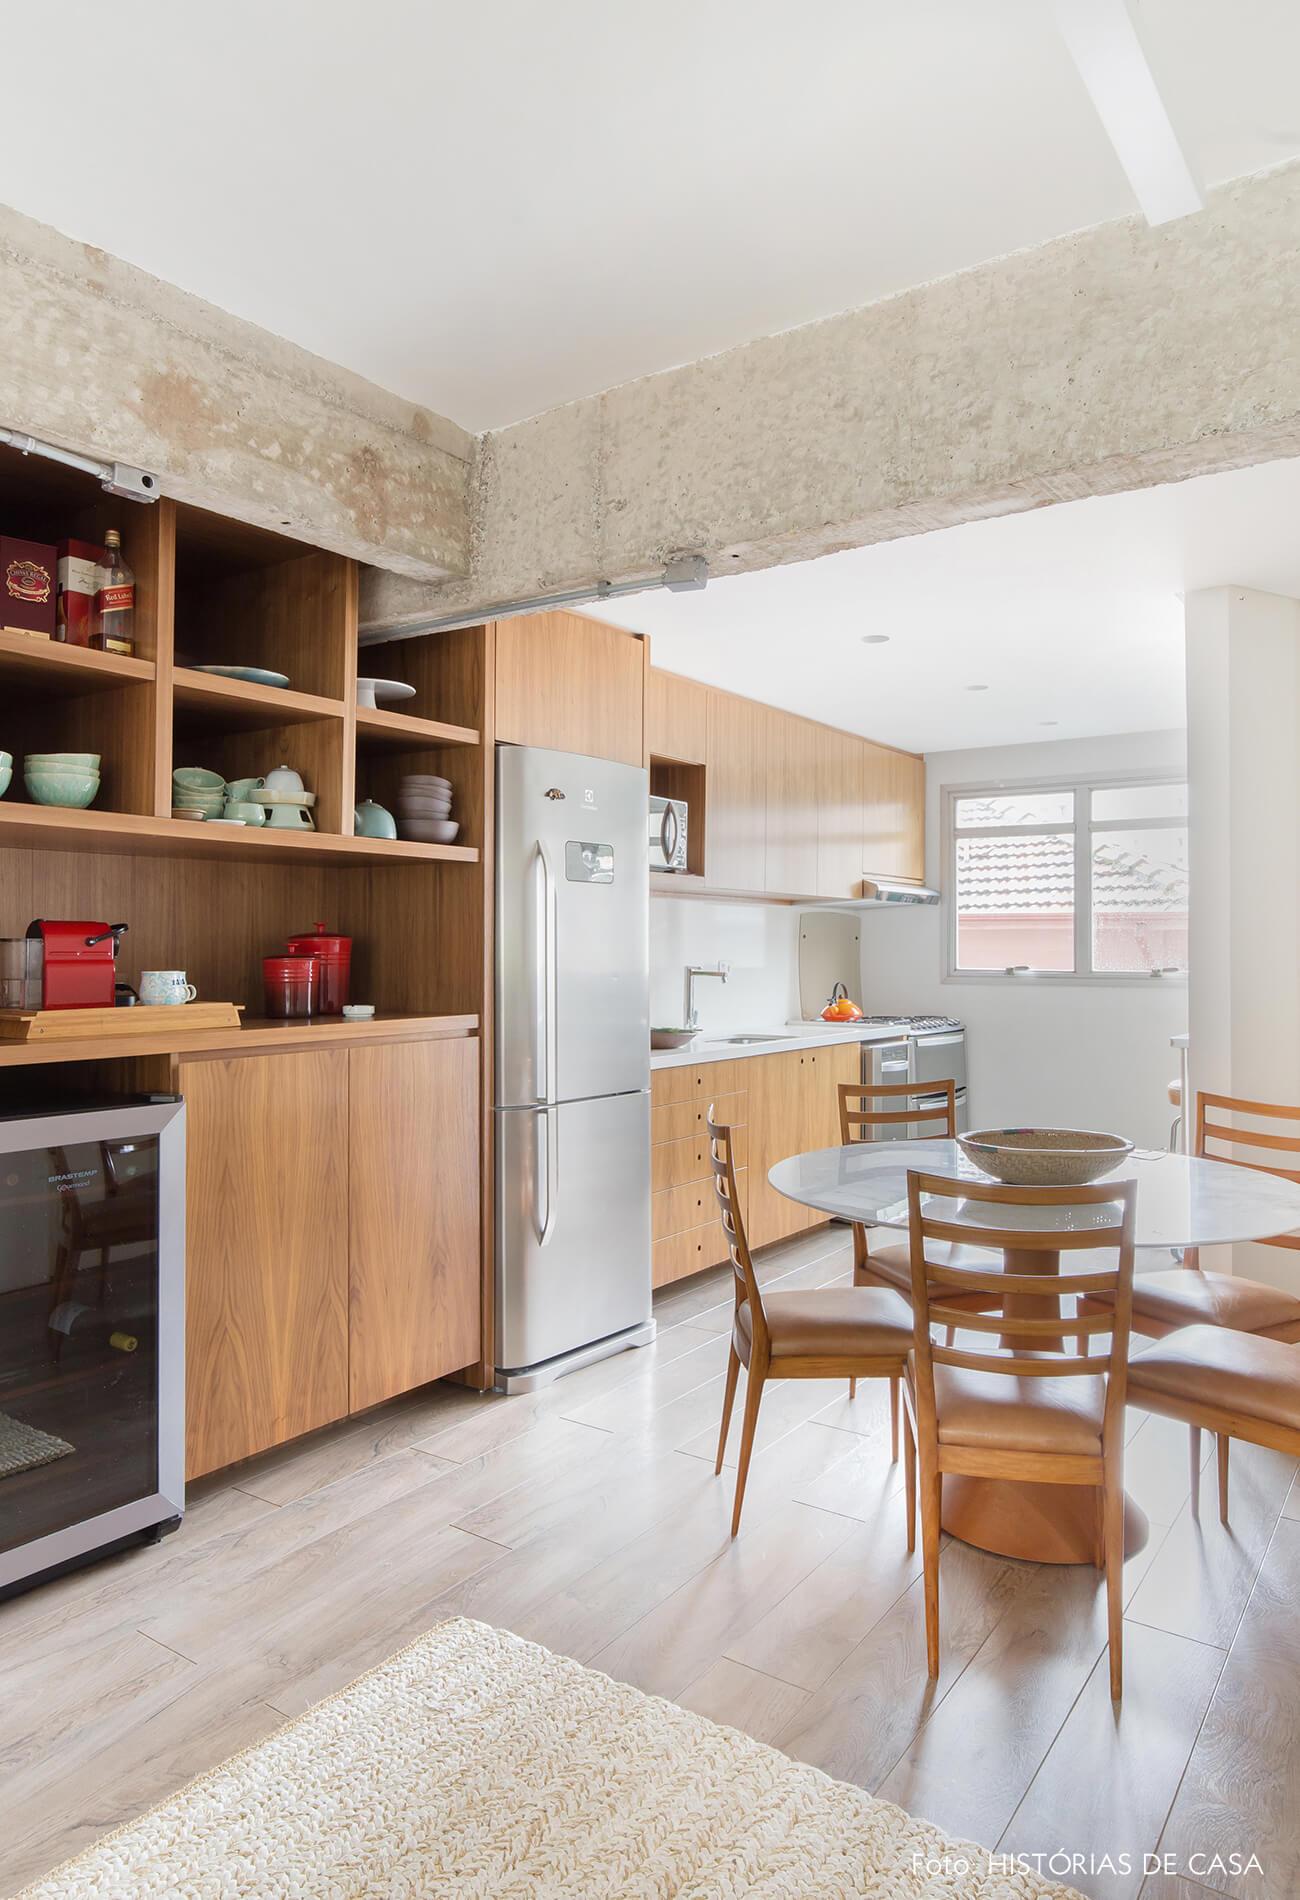 Cozinha integrada após a reforma, com móveis de madeira